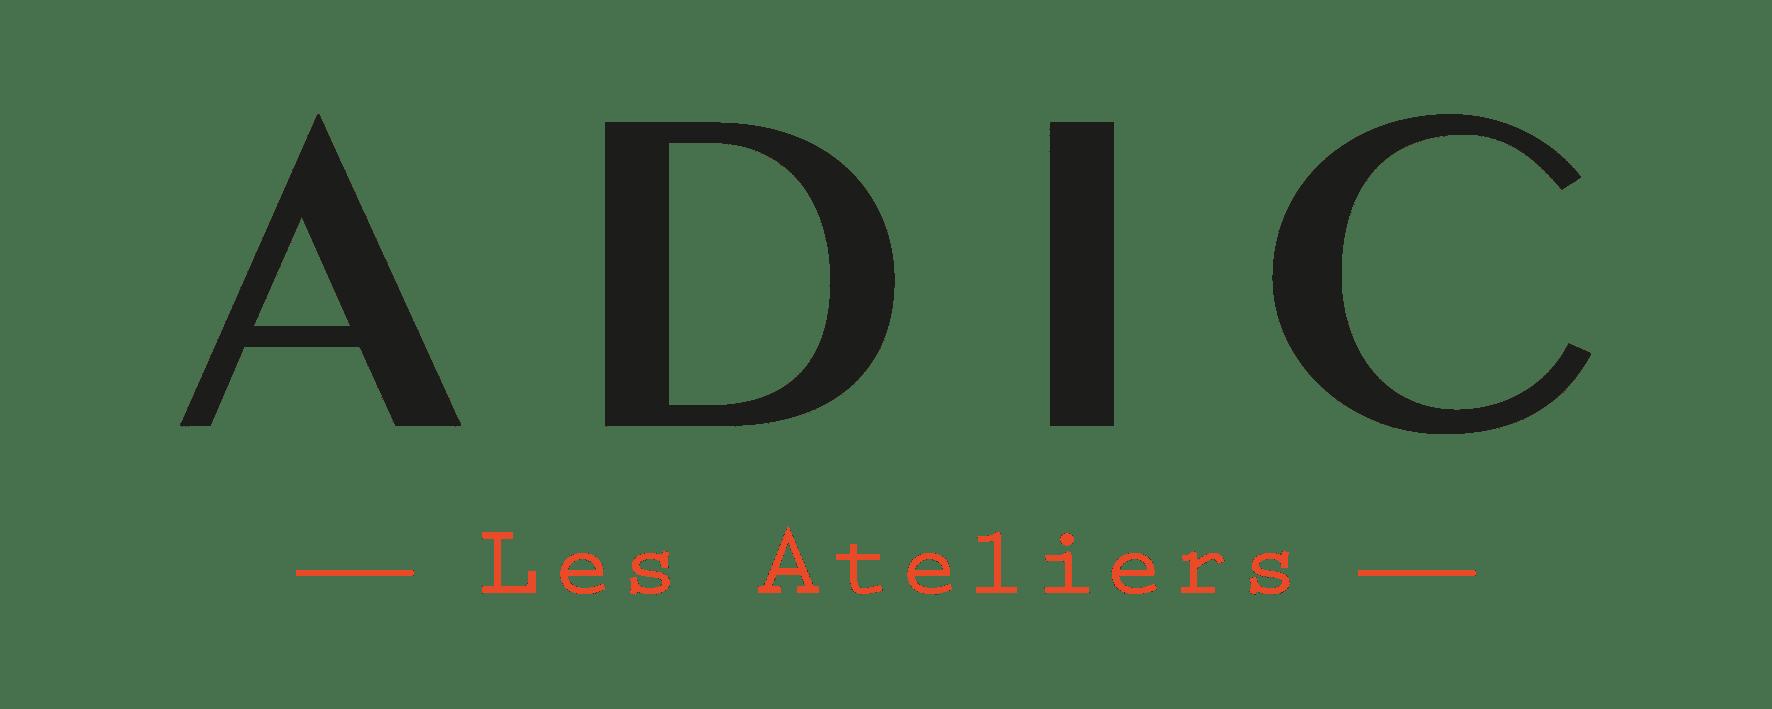 ADIC logo